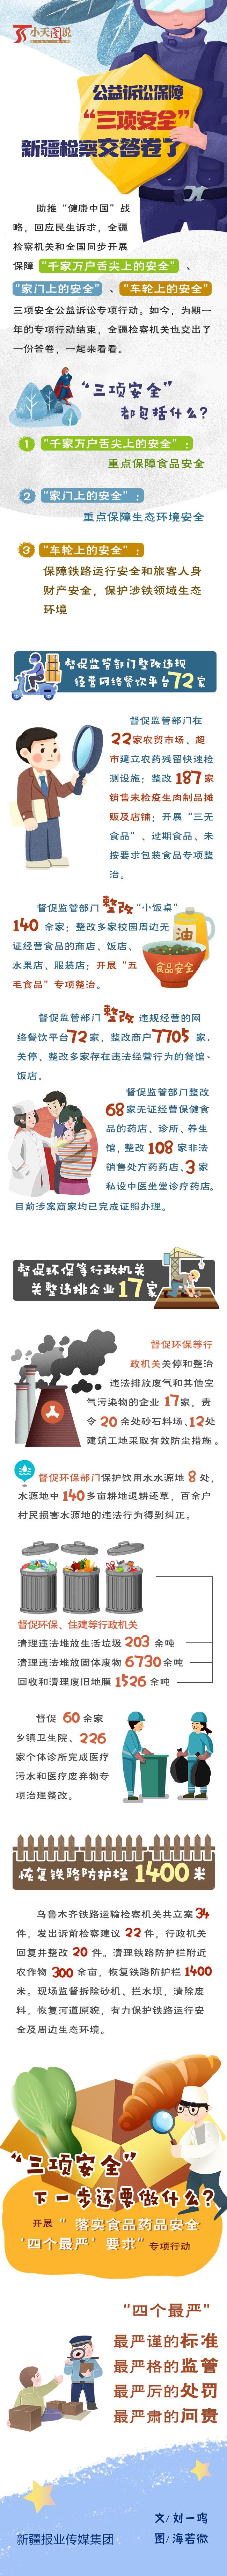 """【小天图说】公益诉讼保障""""三项安全""""新疆检察交答卷了"""